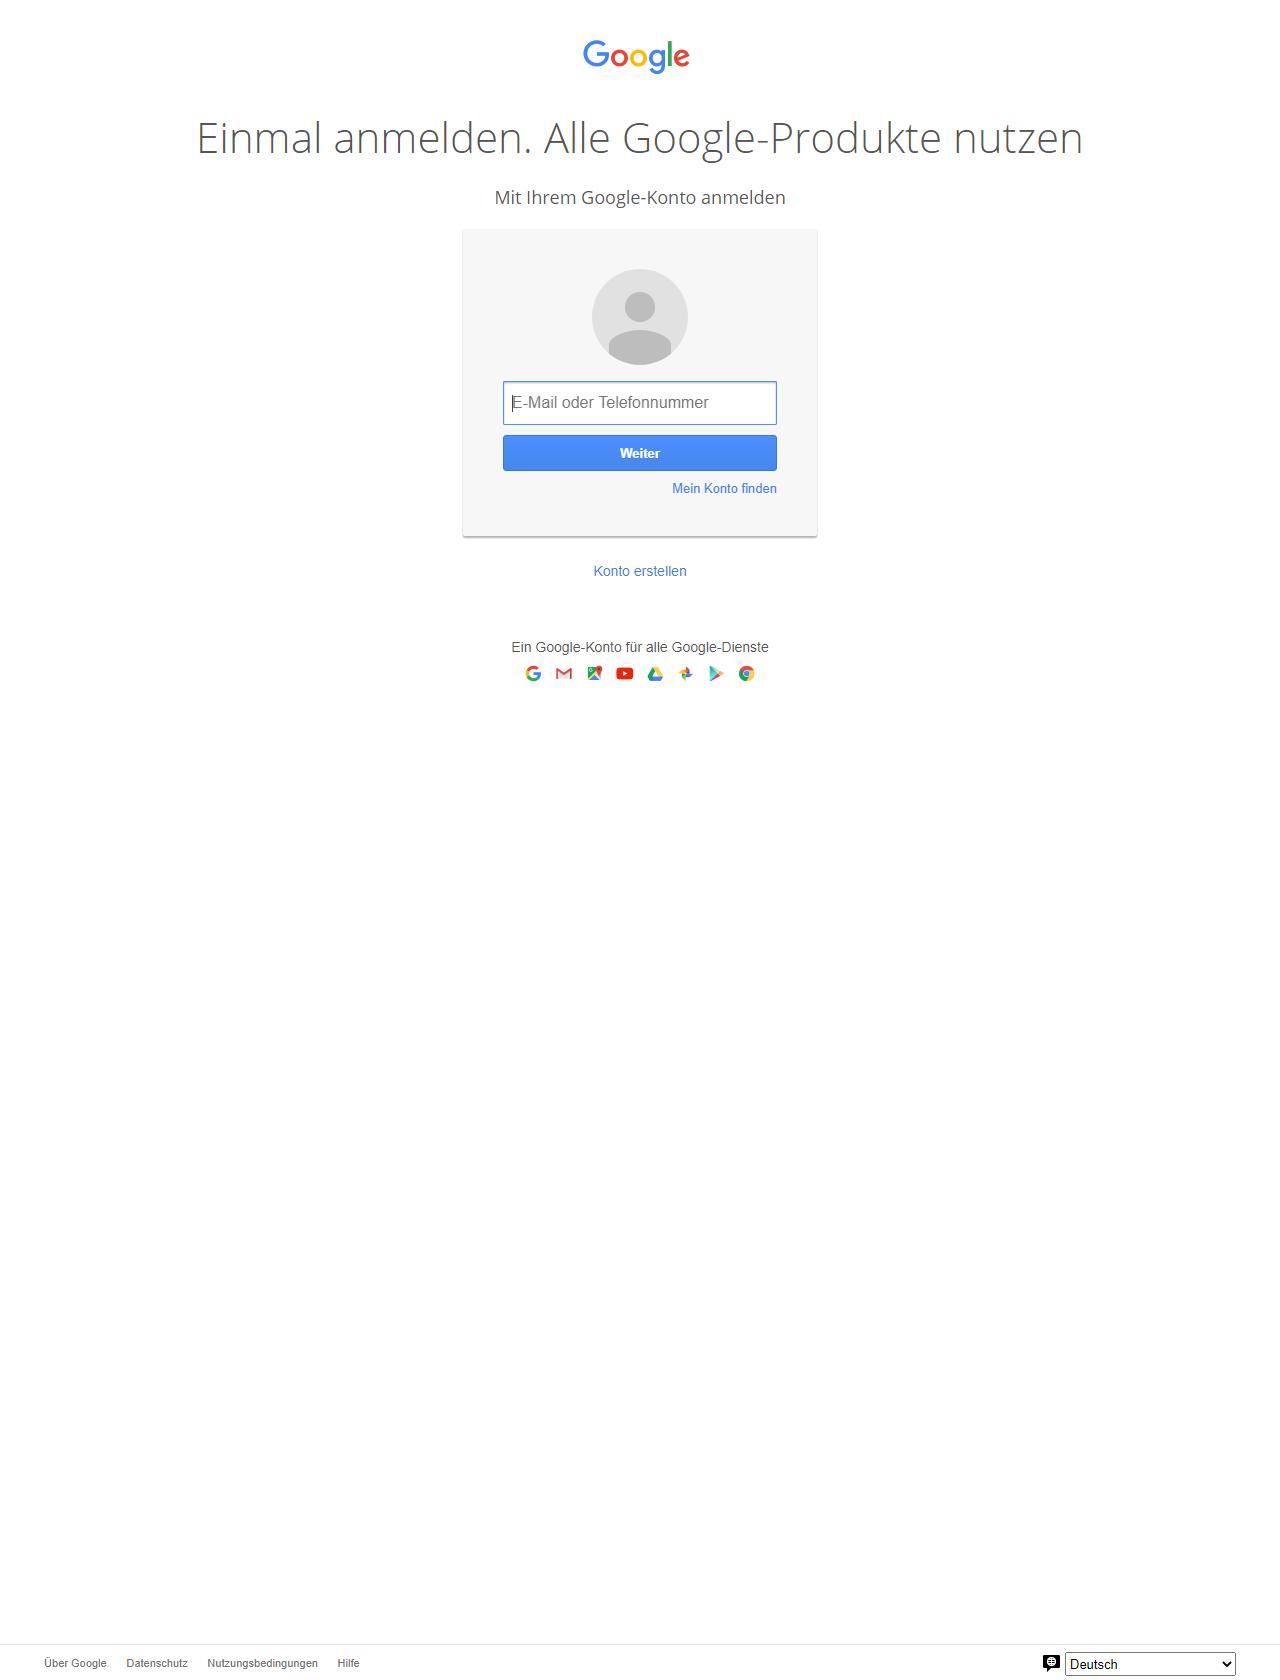 Screenshot Desktop - https://accounts.google.com/ServiceLogin?passive=1209600&continue=https://sites.google.com/view/wwwteraclouddev&followup=https://sites.google.com/view/wwwteraclouddev